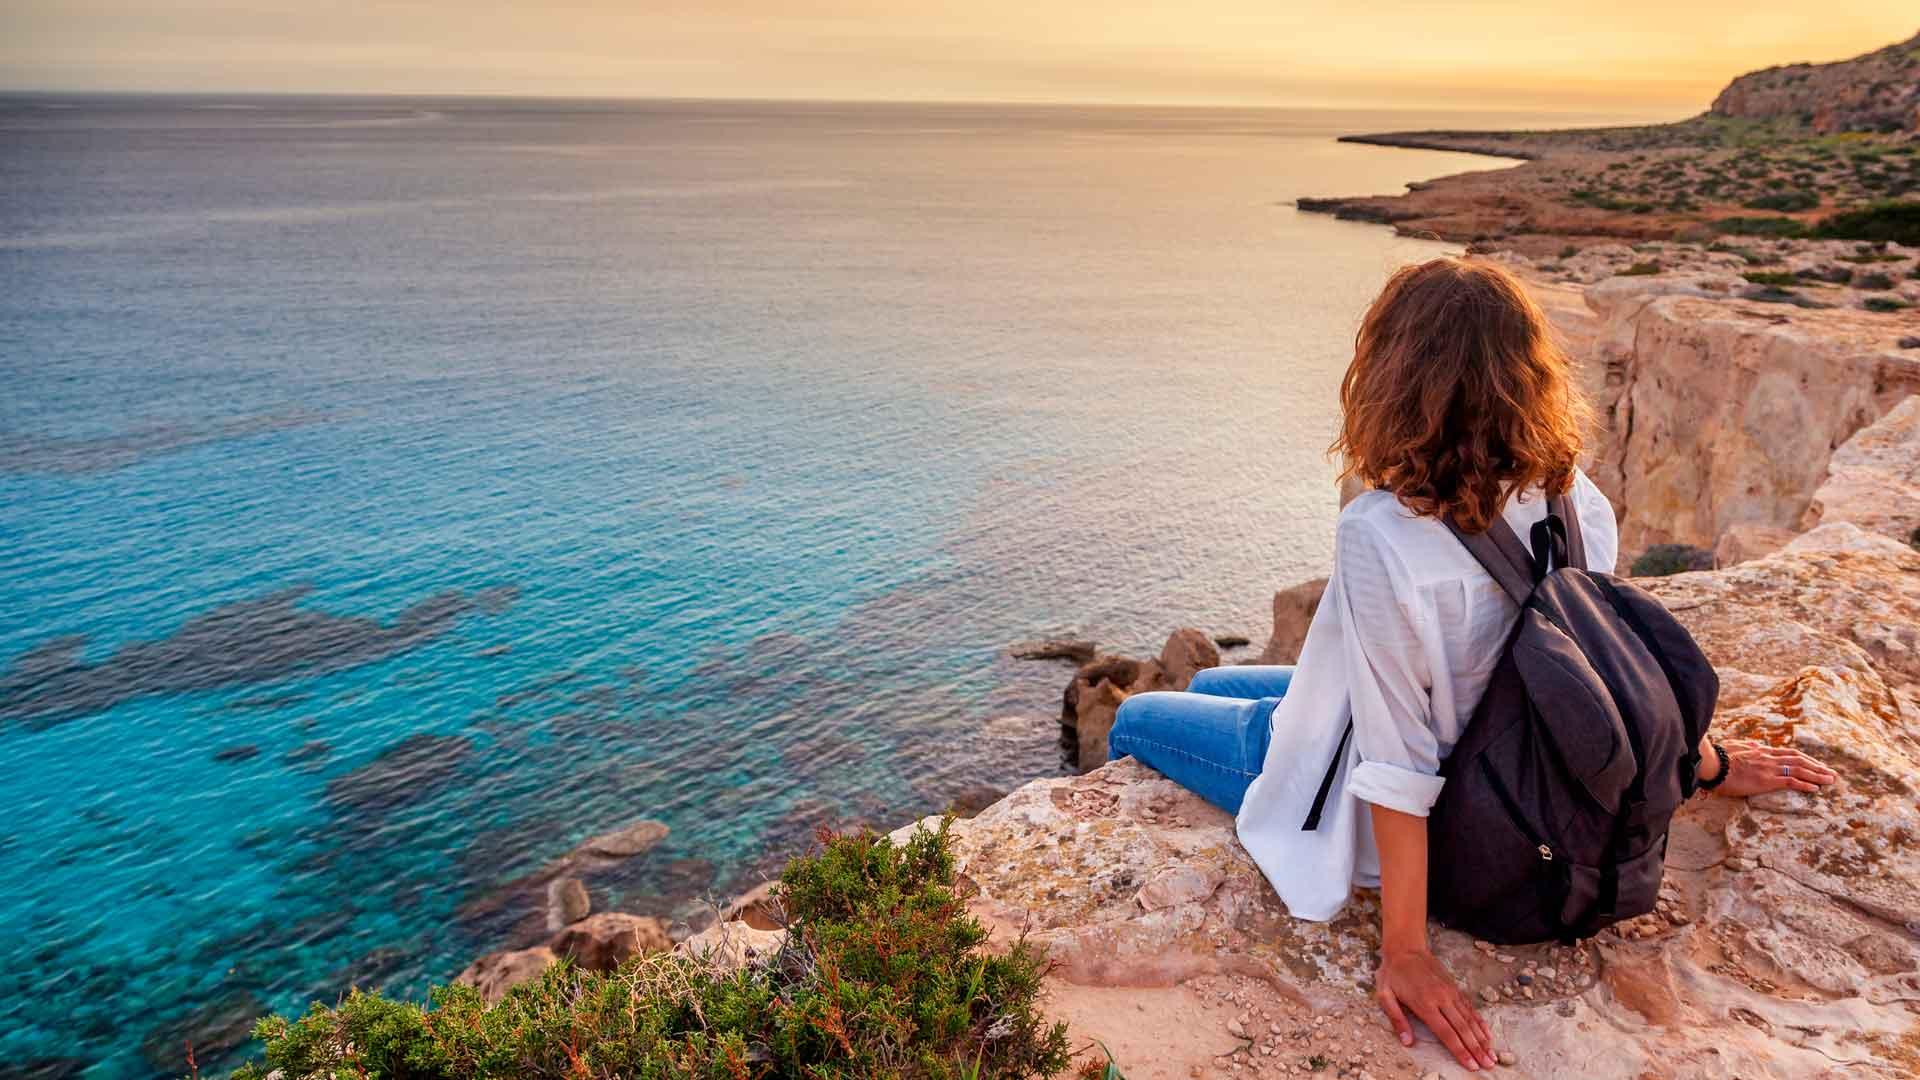 Mujeres viajeras: tips para viajar sola